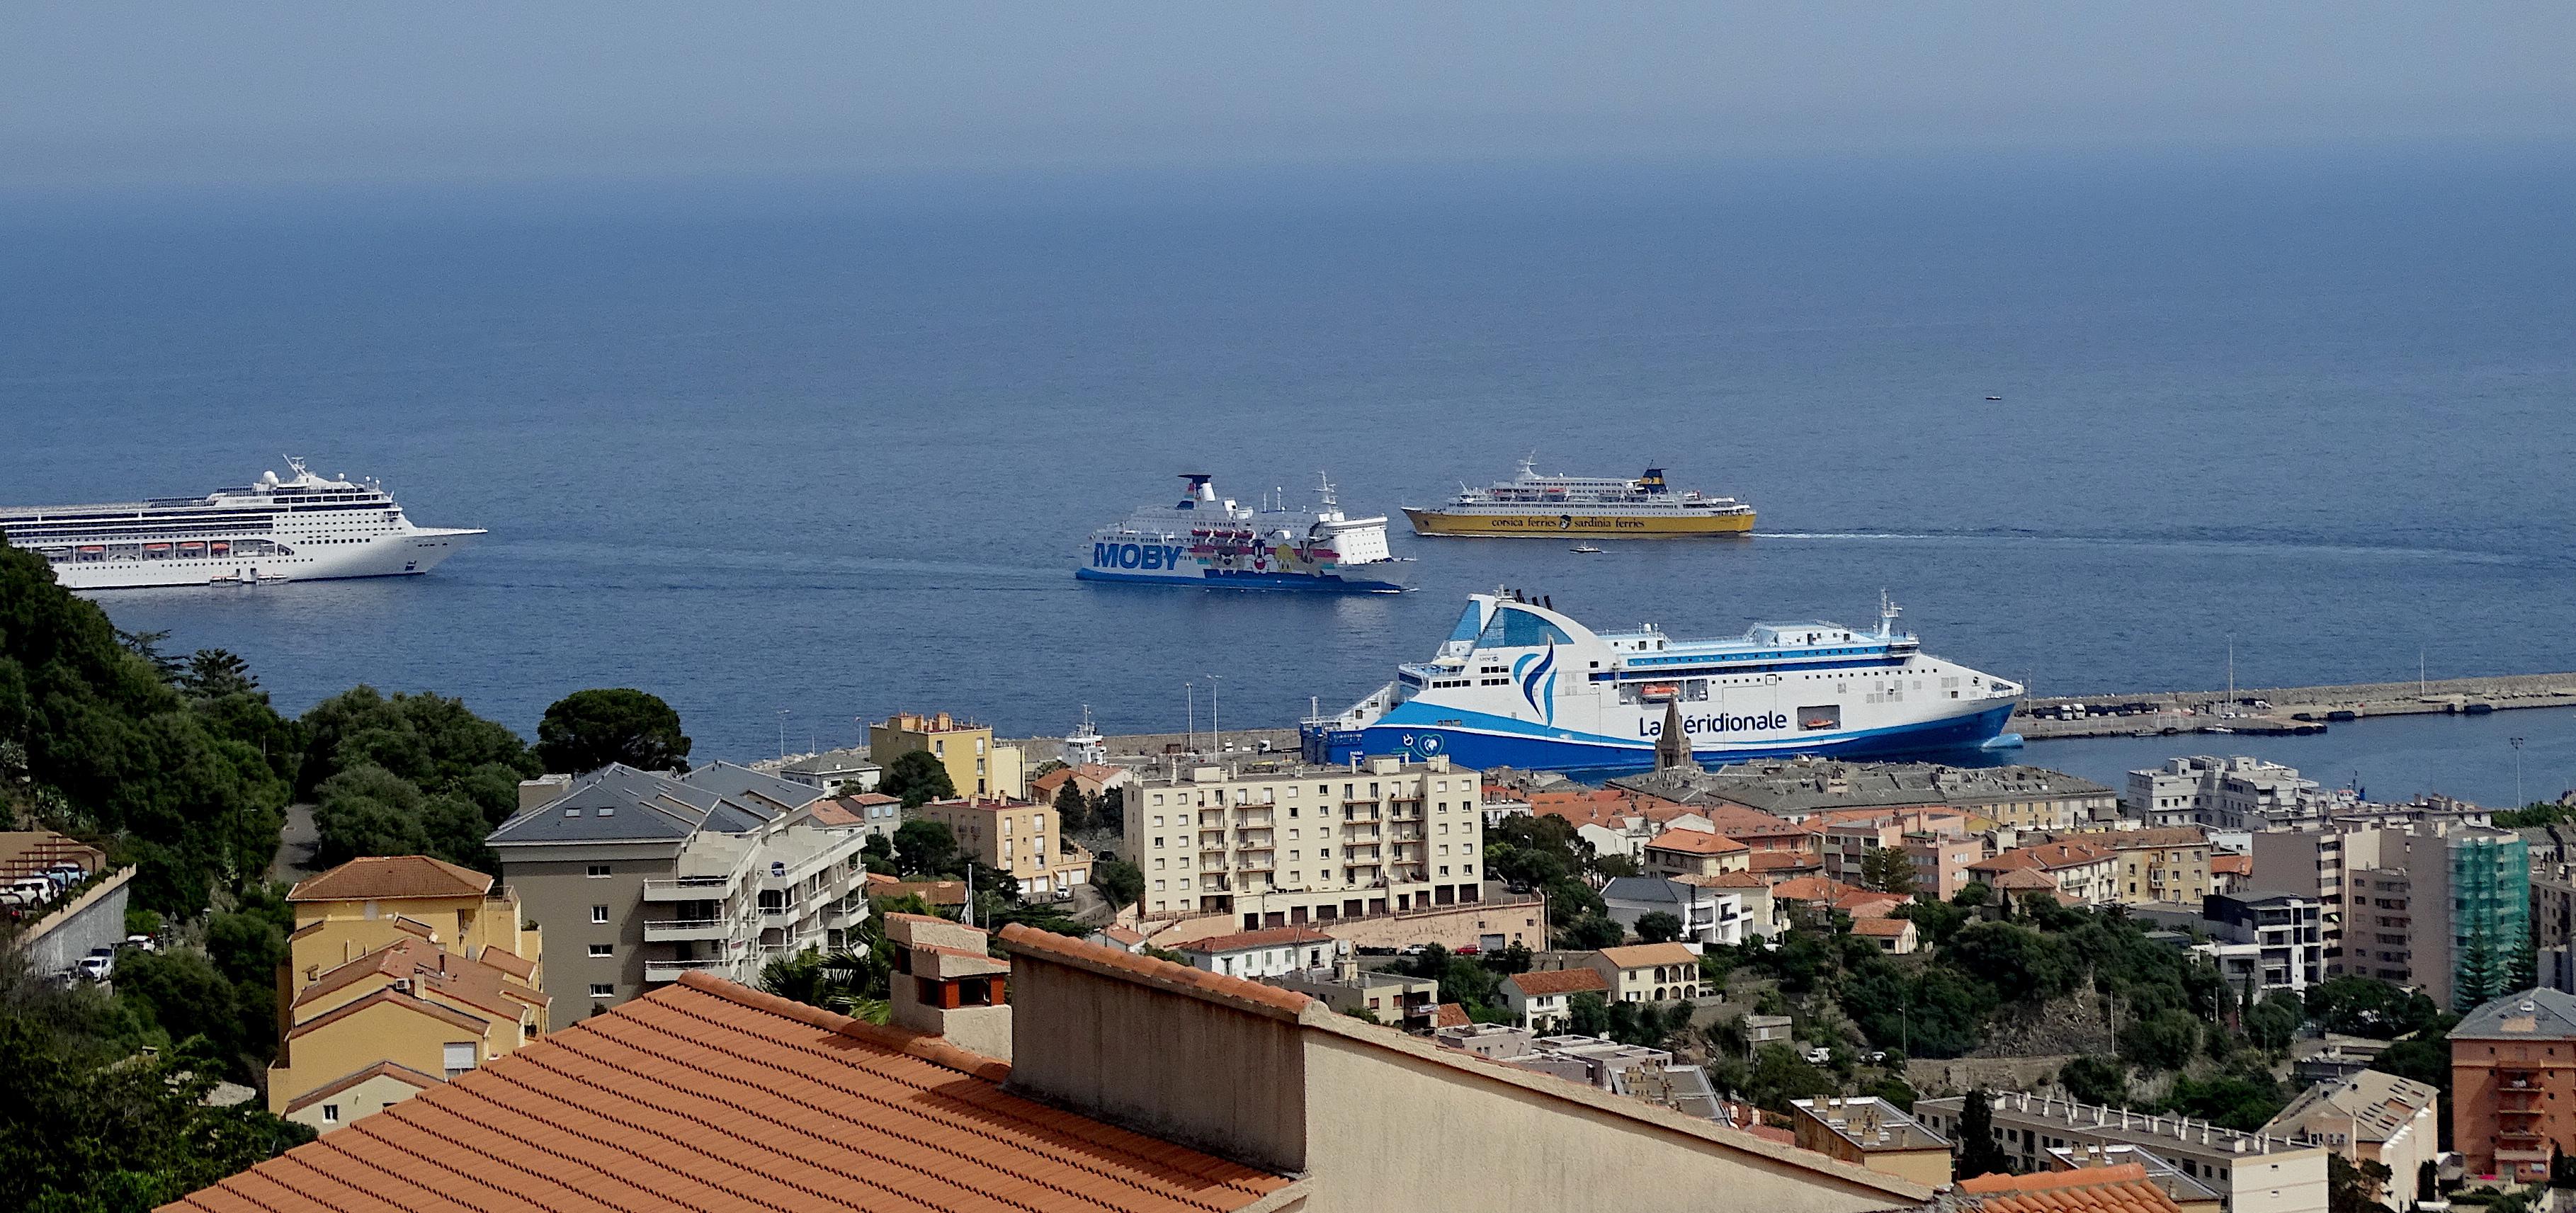 La photo du jour : Embouteillage au port de Bastia